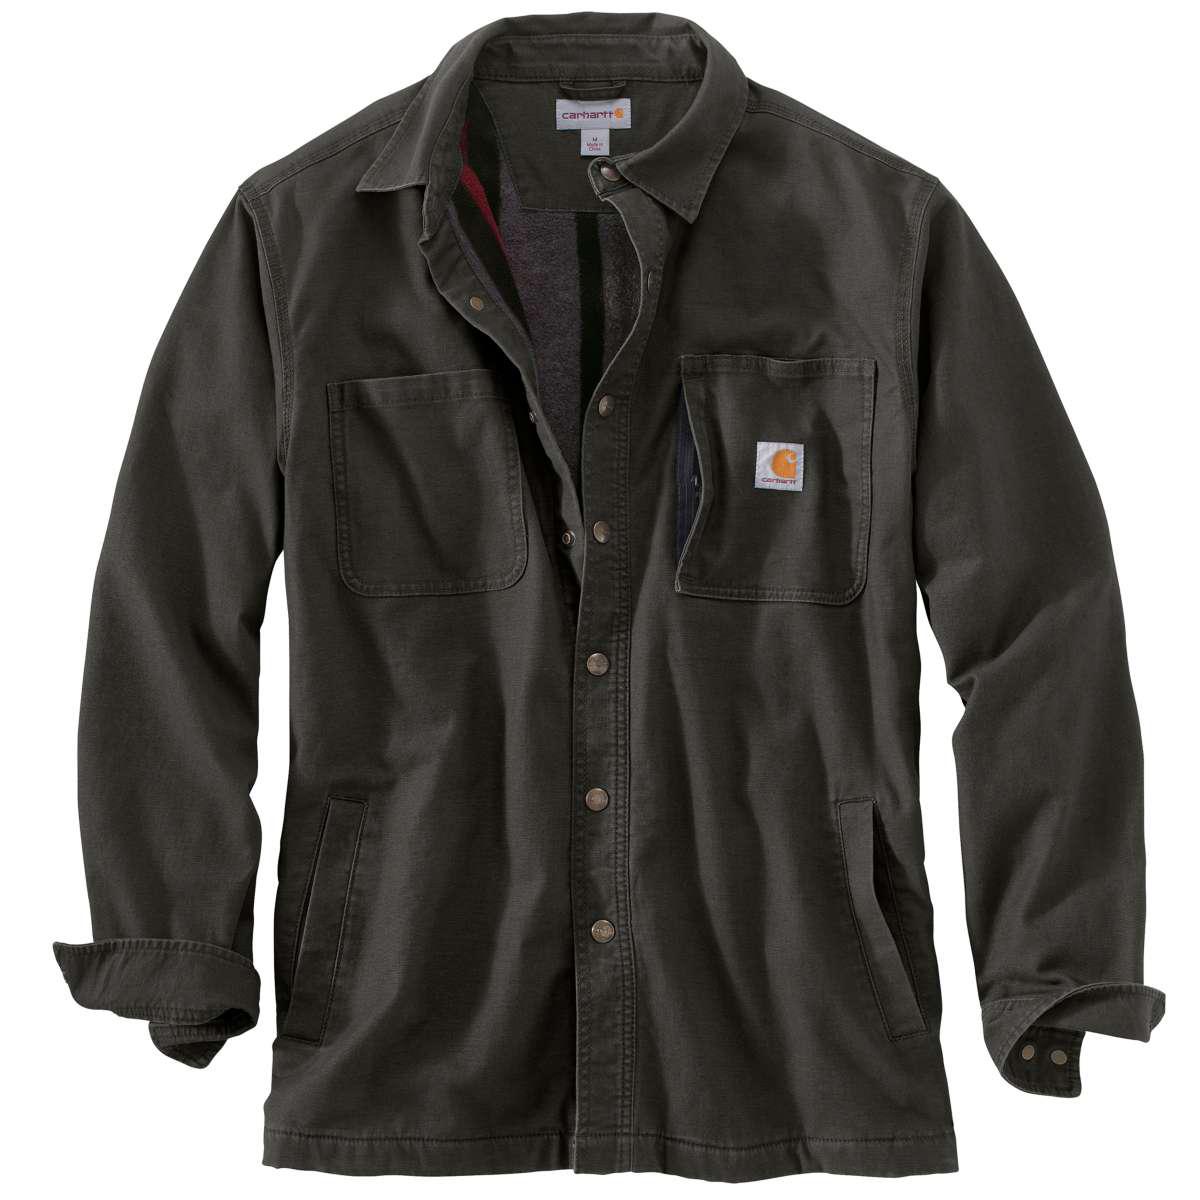 Carhartt Men's Rugged Flex Rigby Fleece-Lined Shirt Jacket - Green, S